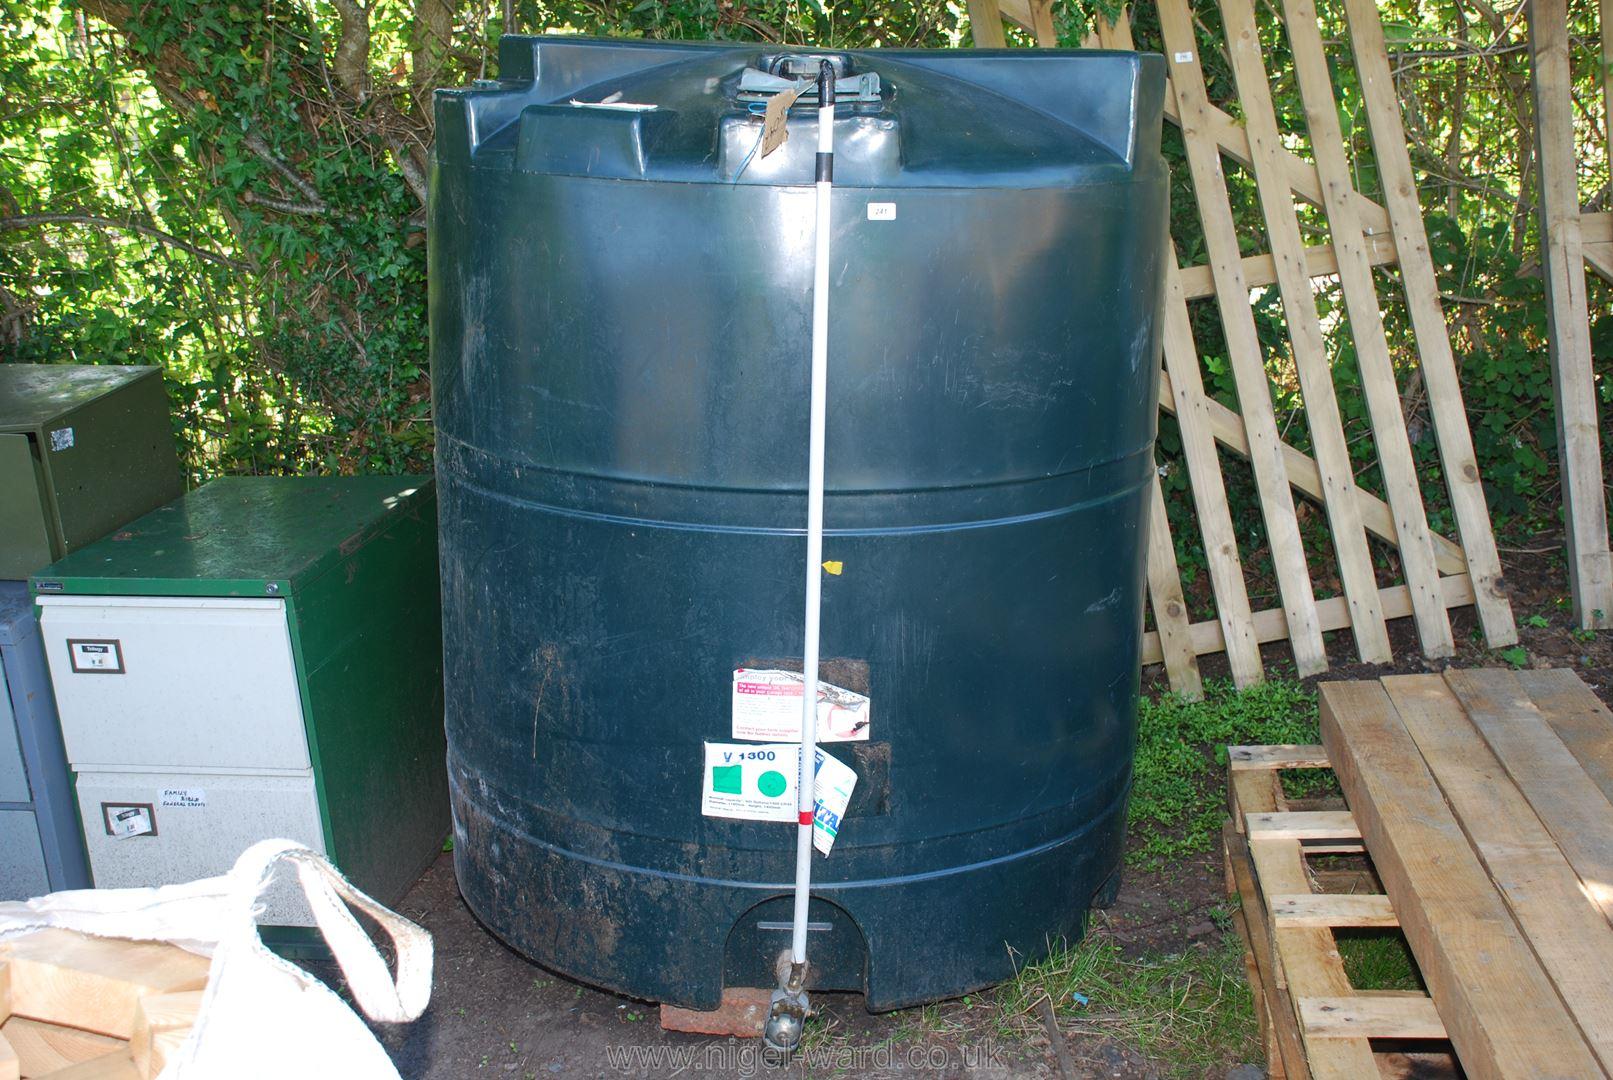 Single skin Titan V1300 oil tank.